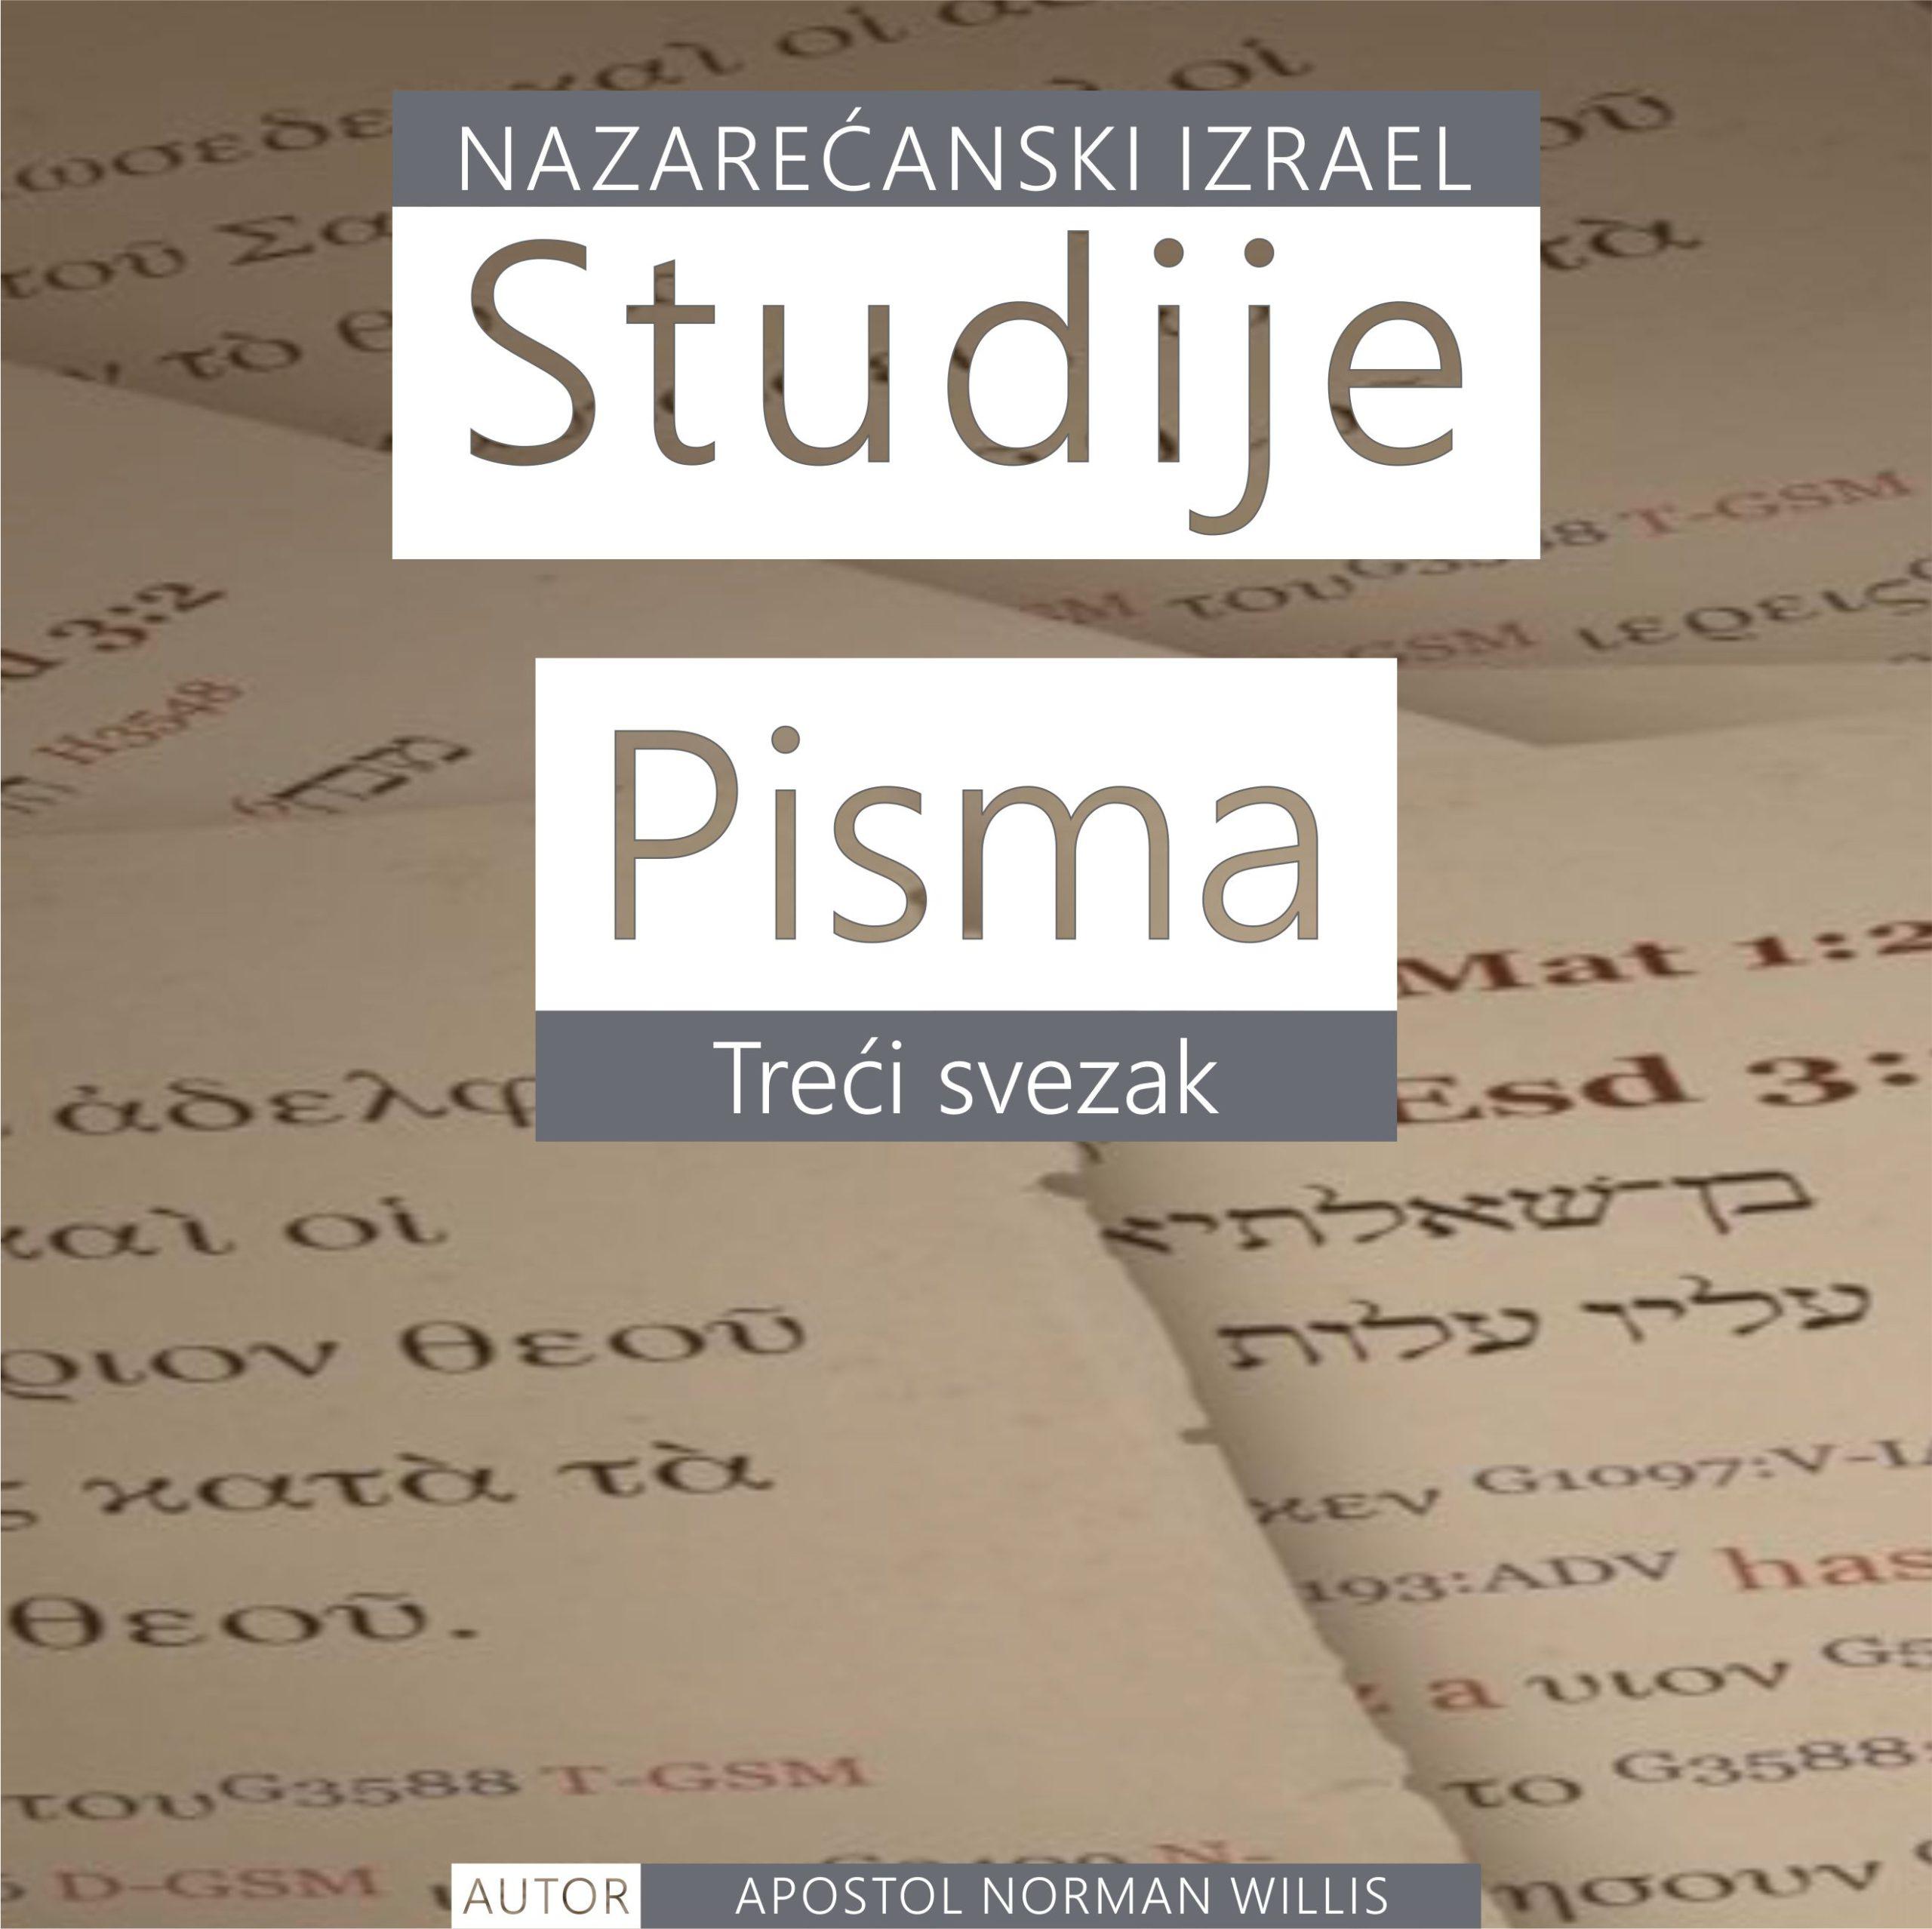 Nazarećanske Studije Pisma: Treći svezak